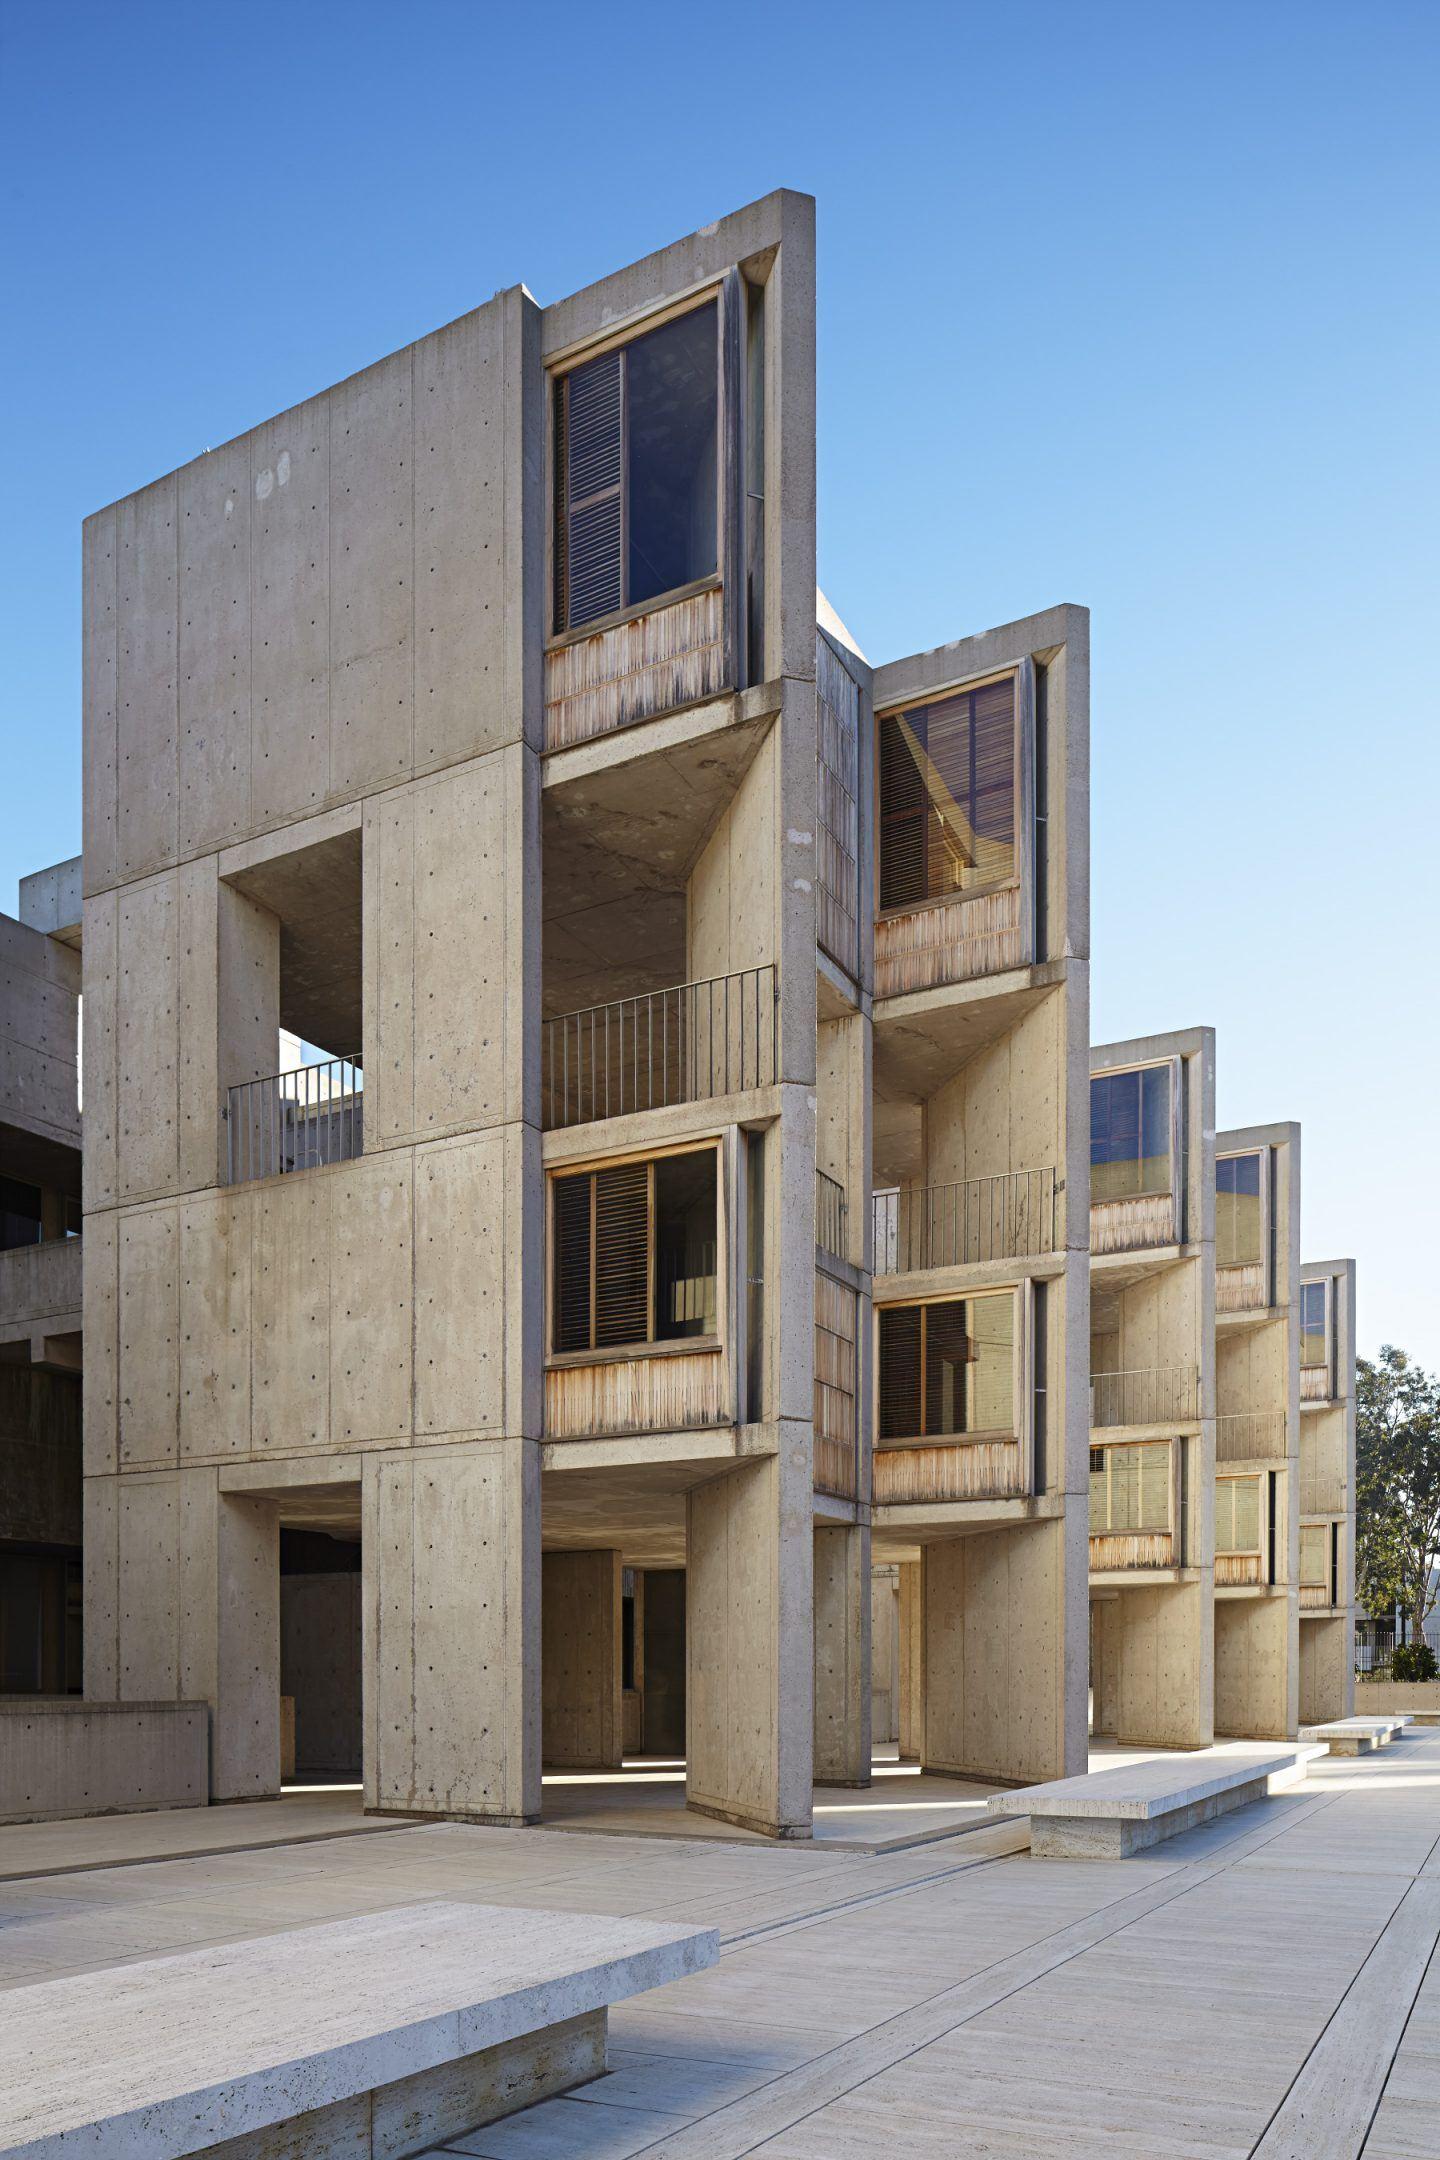 IGNANT-Architecture-Salk-Institute-Nils-Koenning-10